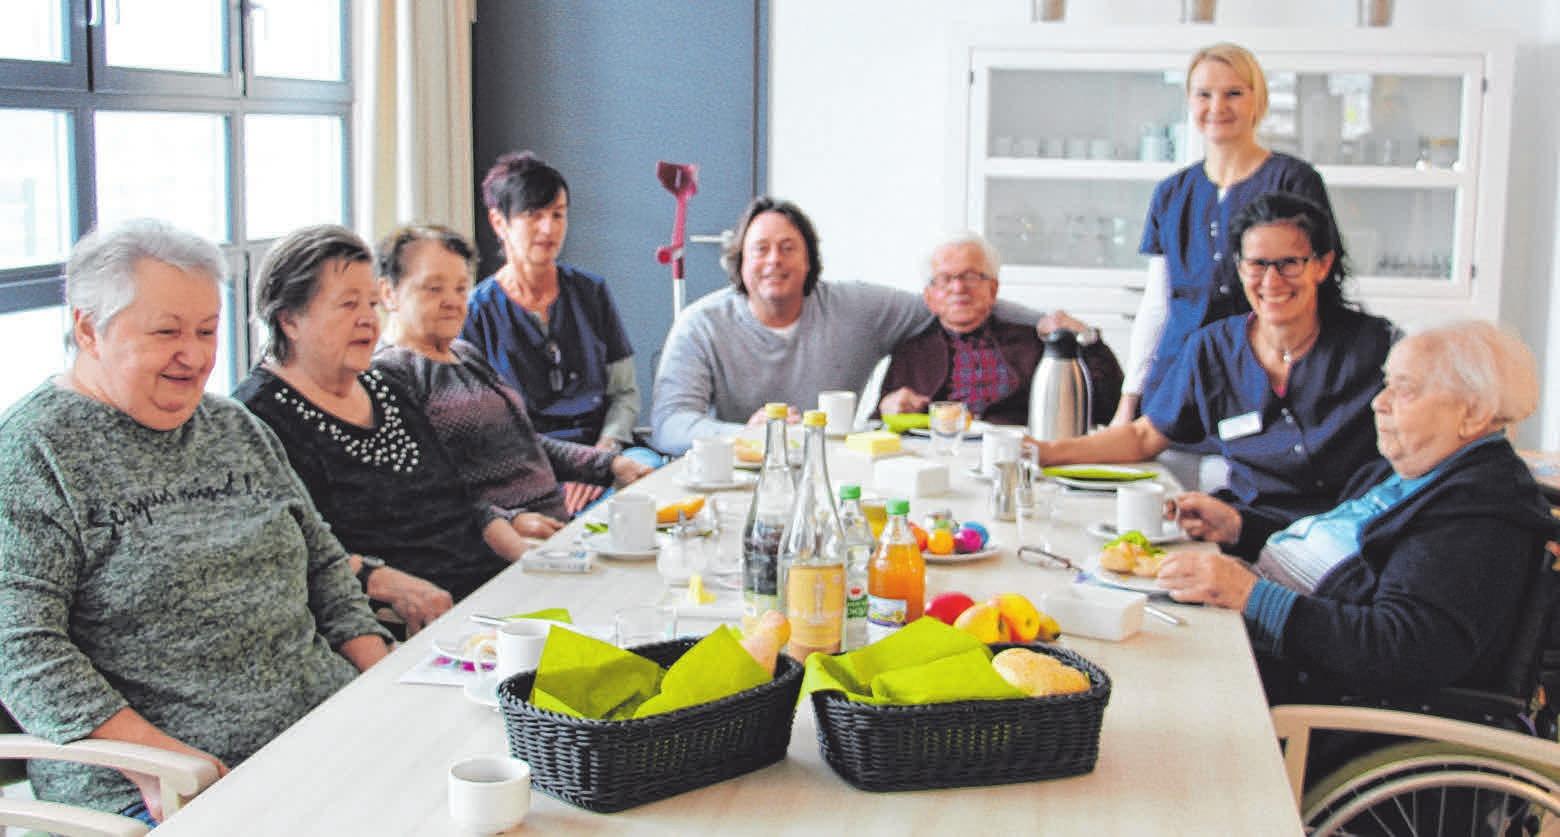 In Gesellschaft schmeckt es einfach besser. Daher beginnt der Tag mit einem leckeren, gemeinsamen Frühstück. FOTO: SCHMIDL